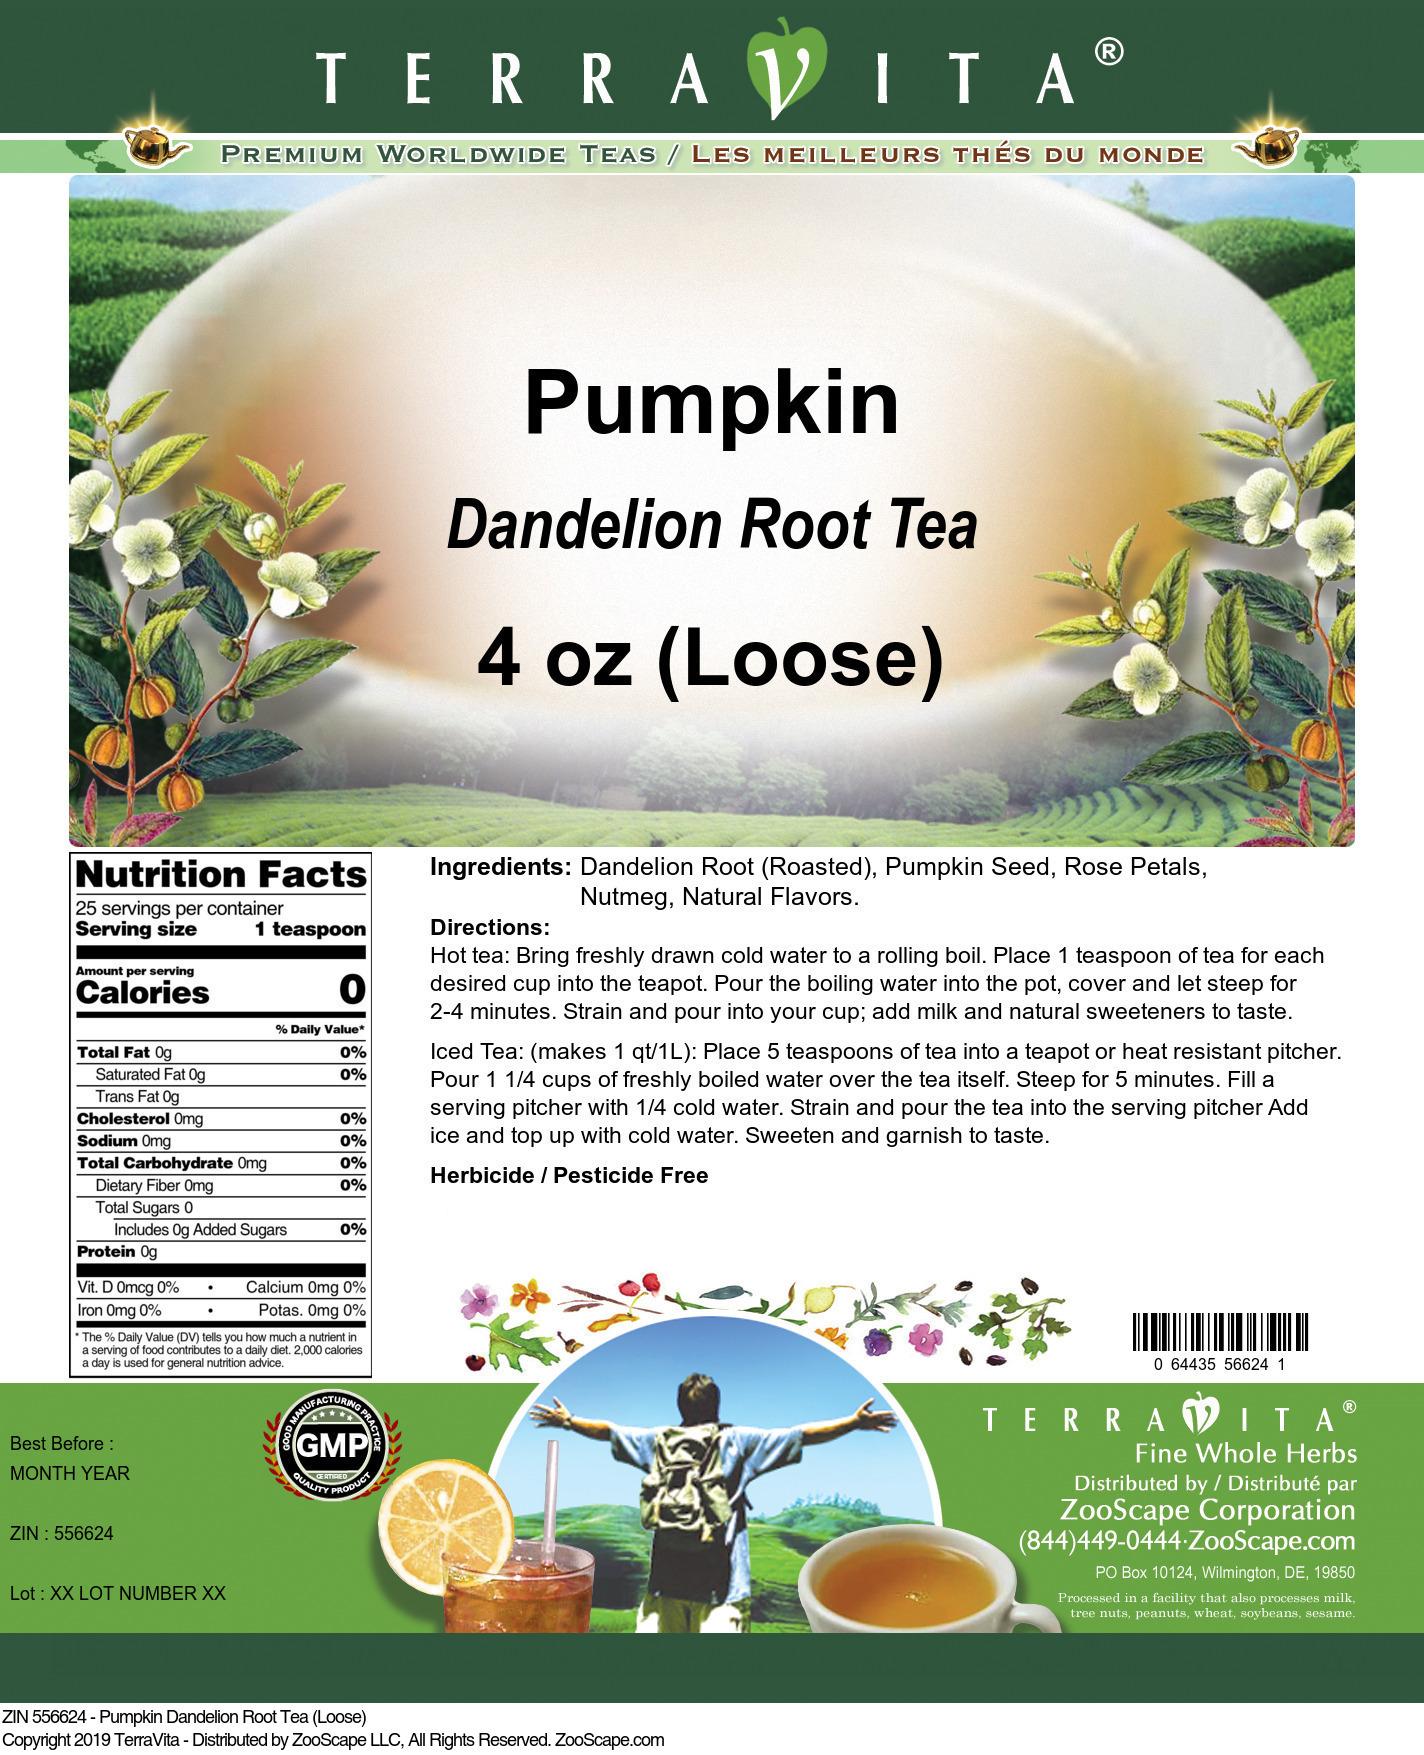 Pumpkin Dandelion Root